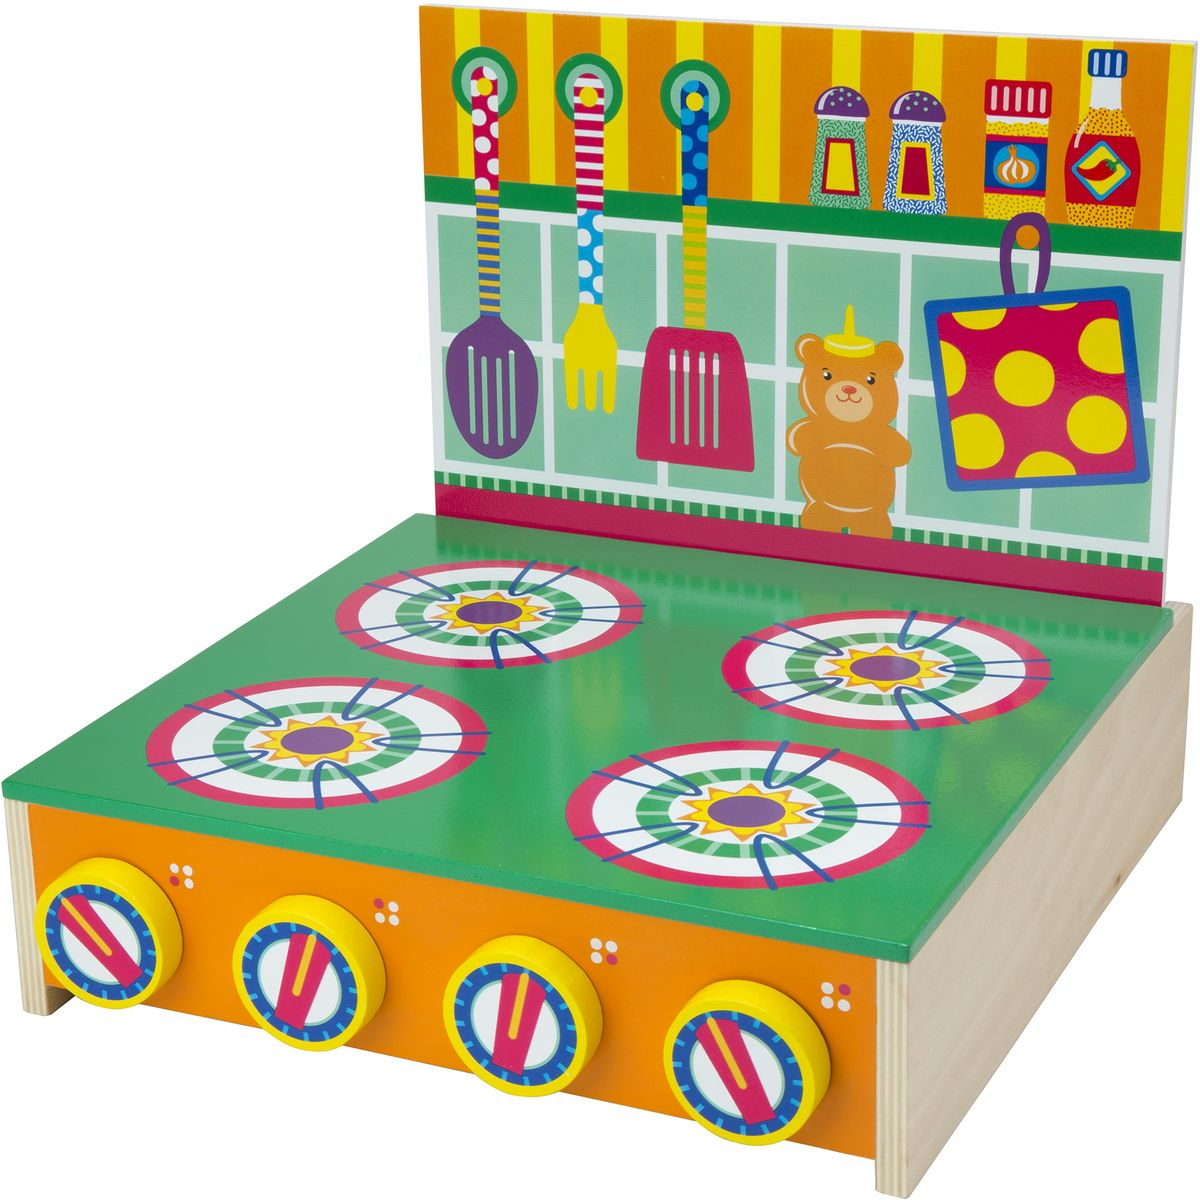 игровой набор alex кухонная плита деревянная от 3 лет 704 Alex Игровой набор Кухонная плита